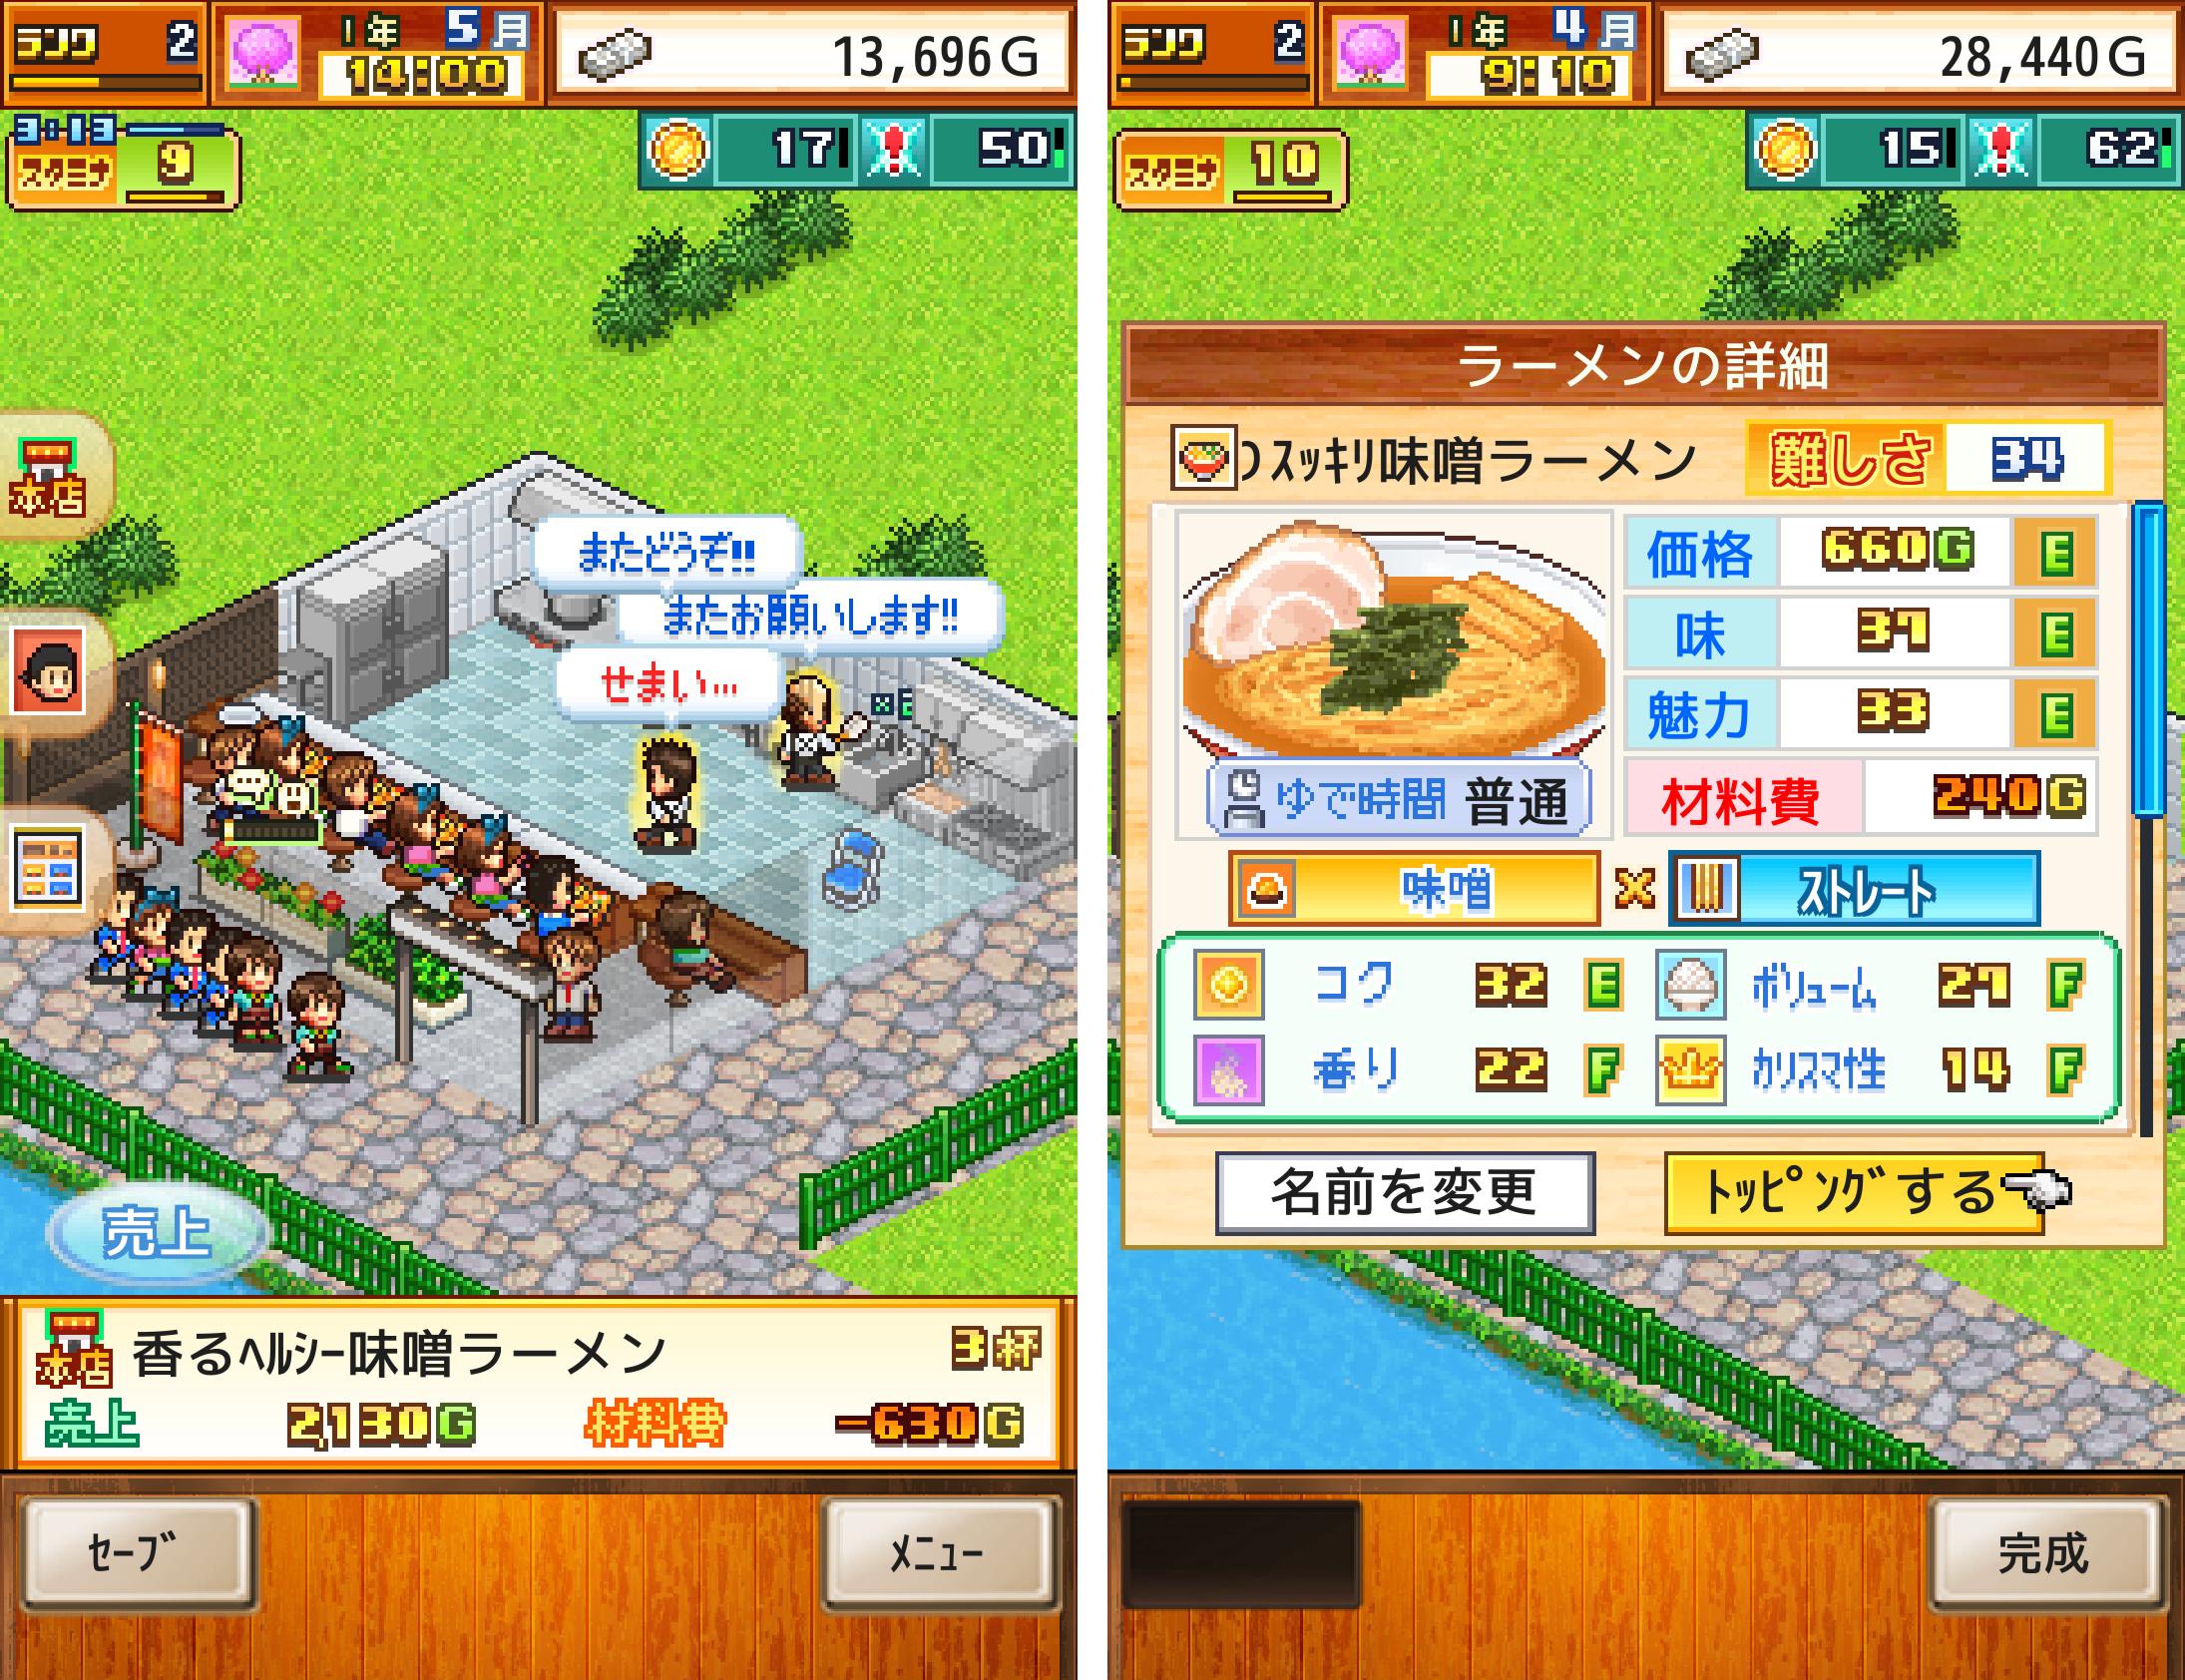 こだわりラーメン館 ~全国編~ androidアプリスクリーンショット1